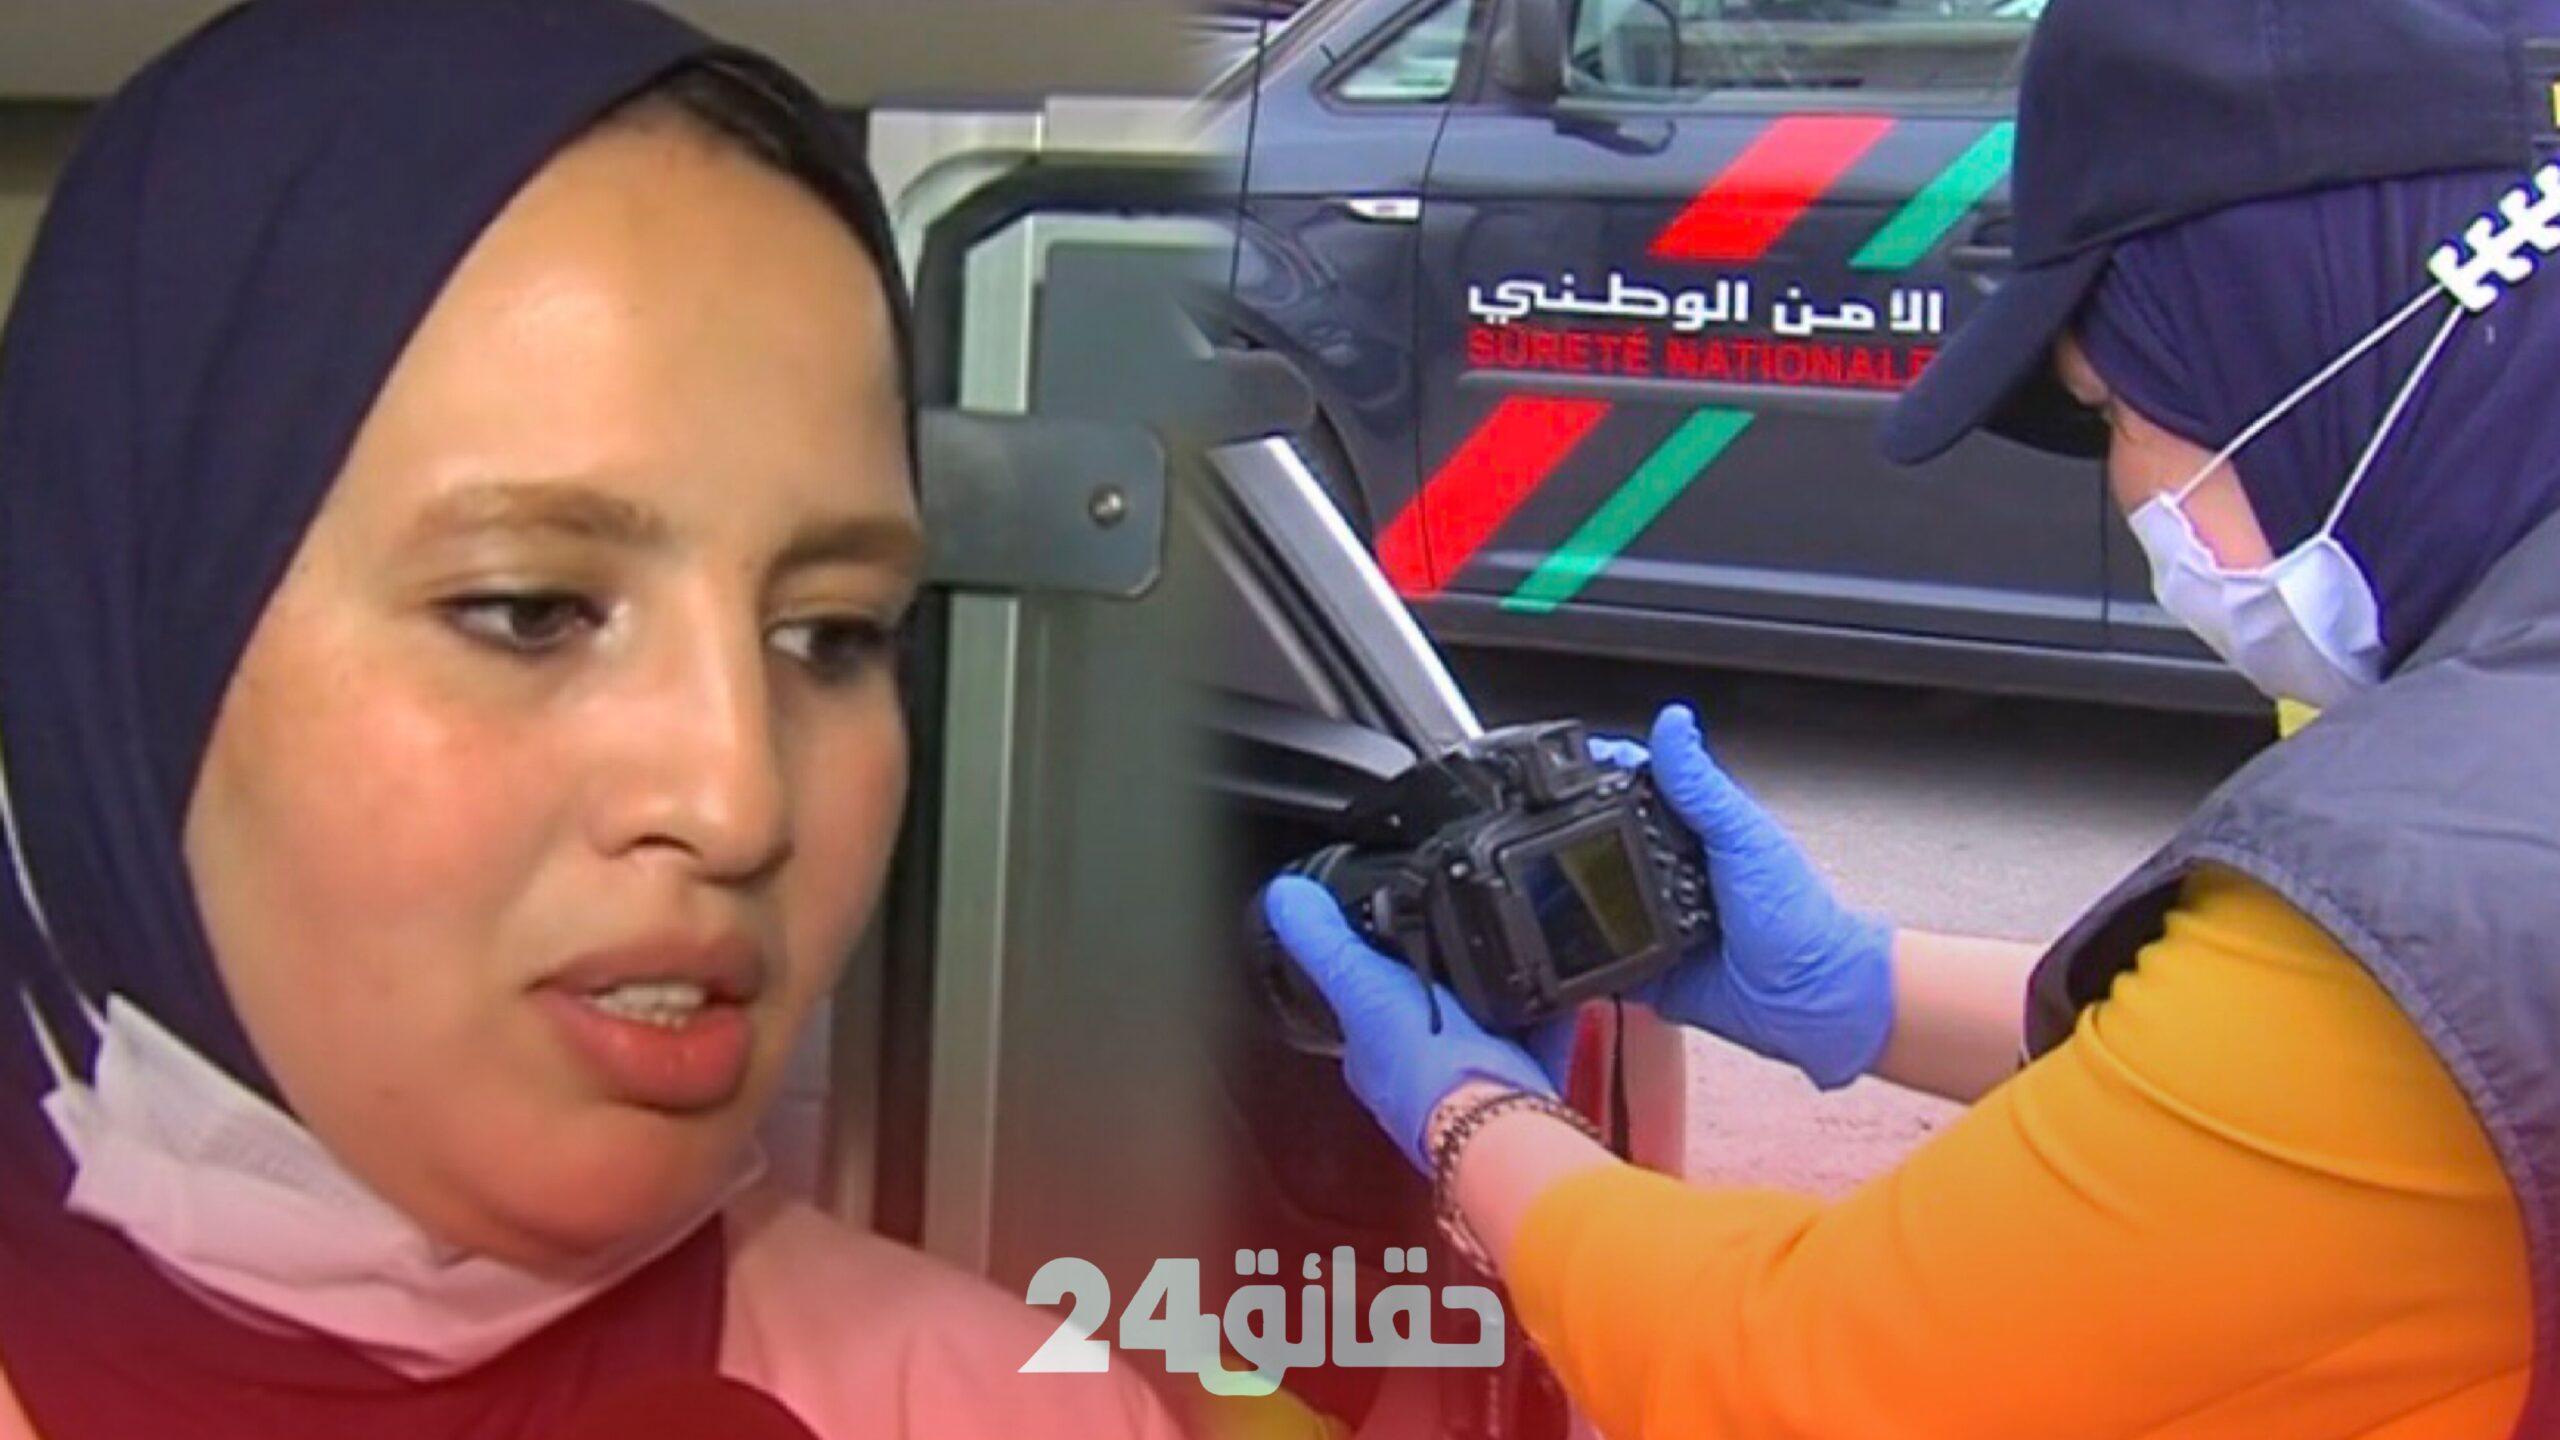 صورة أسماء بن كروم : شرطية تقتفي بحنكة واحترافية أثر العمليات الإجرامية بأكادير